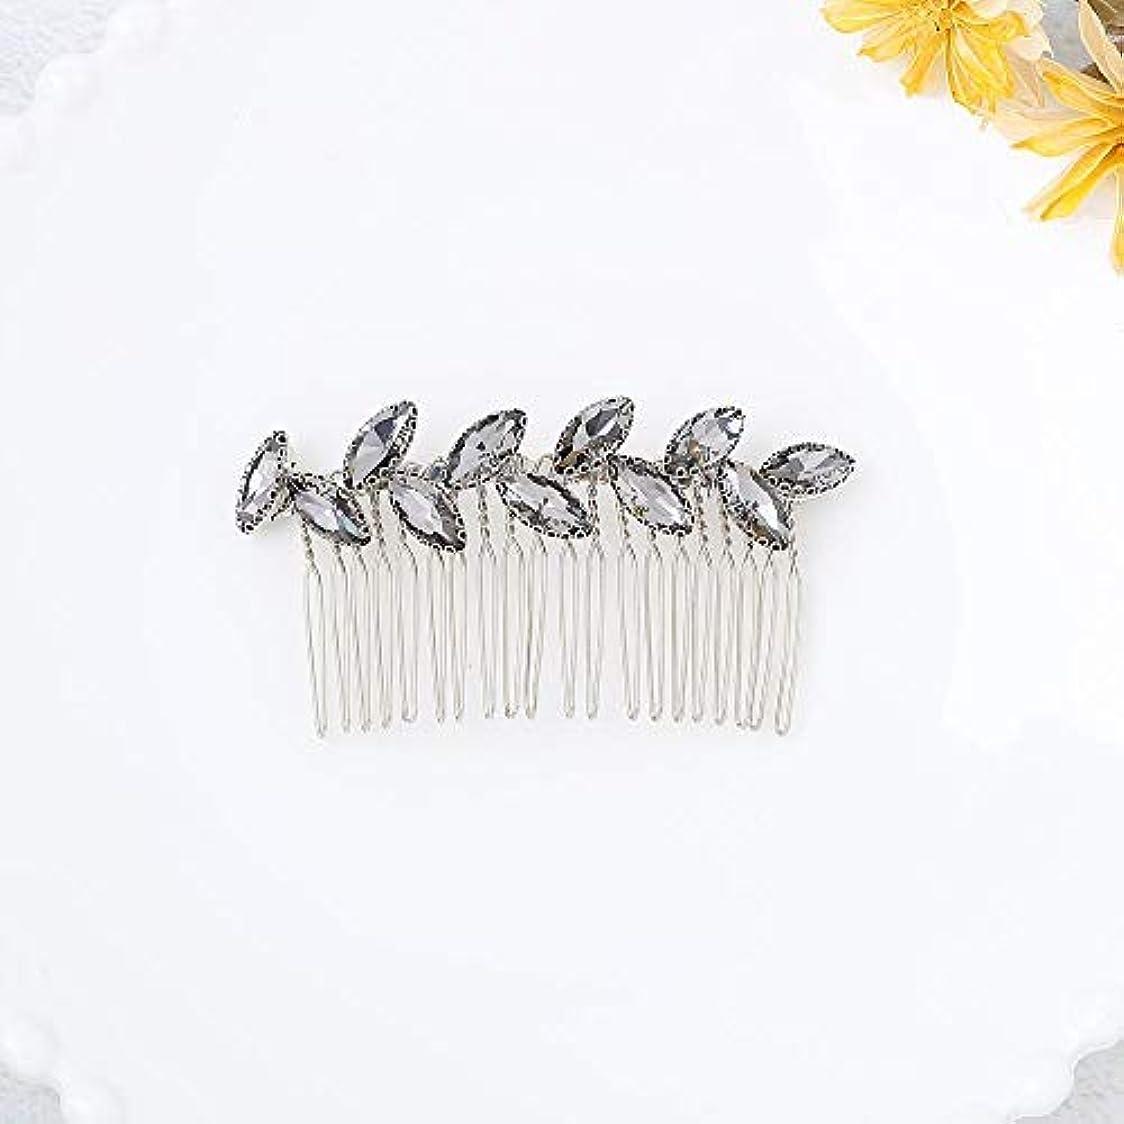 残高少しかごJovono Bride Wedding Hair Comb Bridal Headpieces with Rhinestone for Women and Girls (Silver) [並行輸入品]